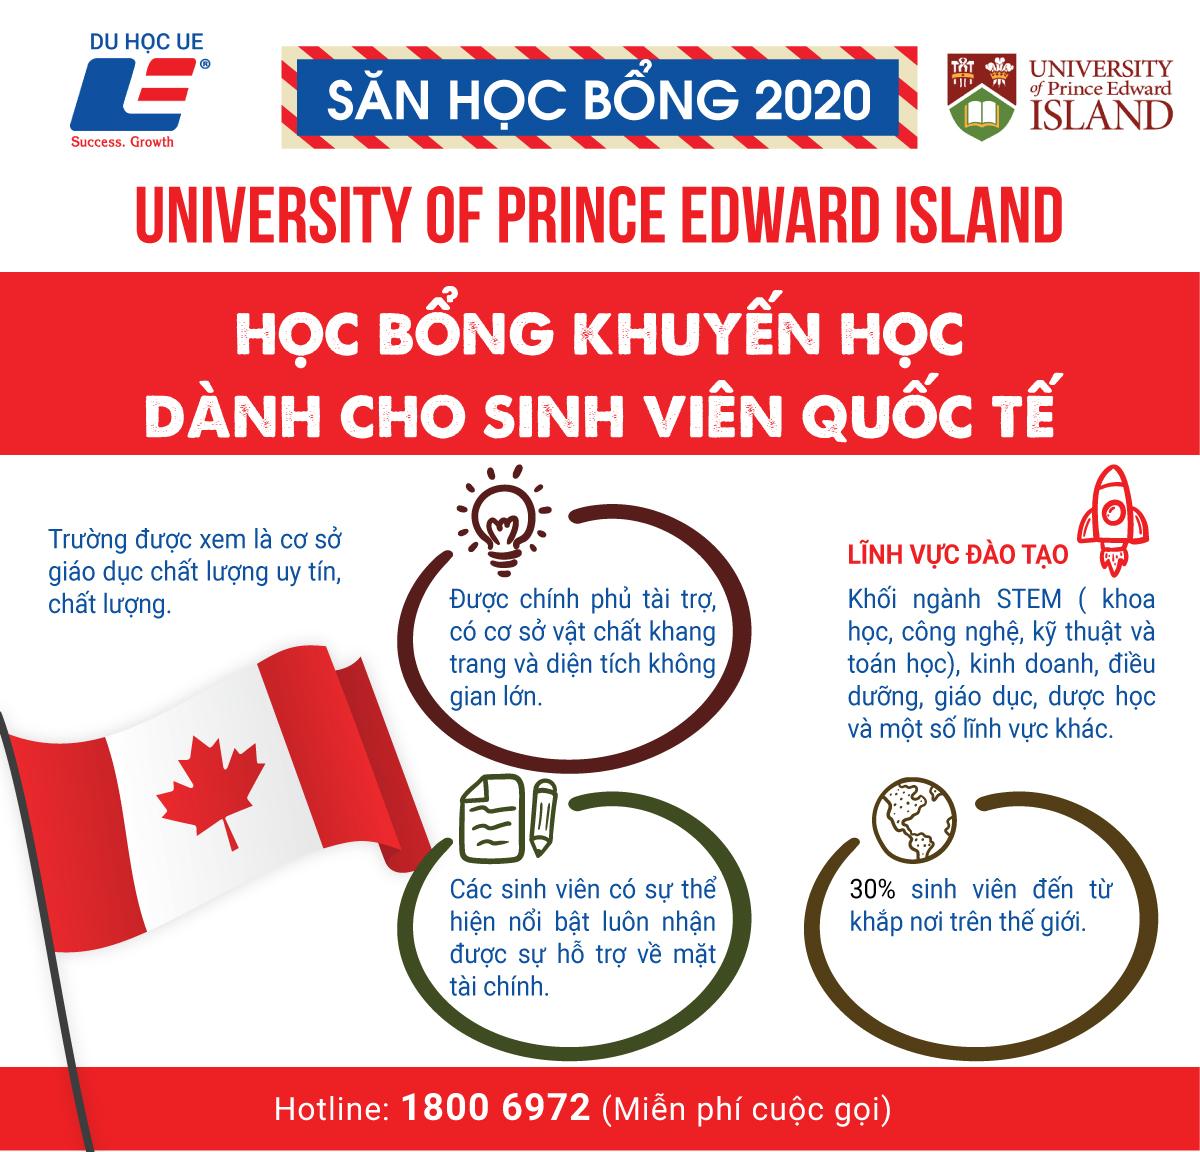 University of Prince Edward Island - Đại học lí tưởng tại vùng đảo Edward Island, Canada